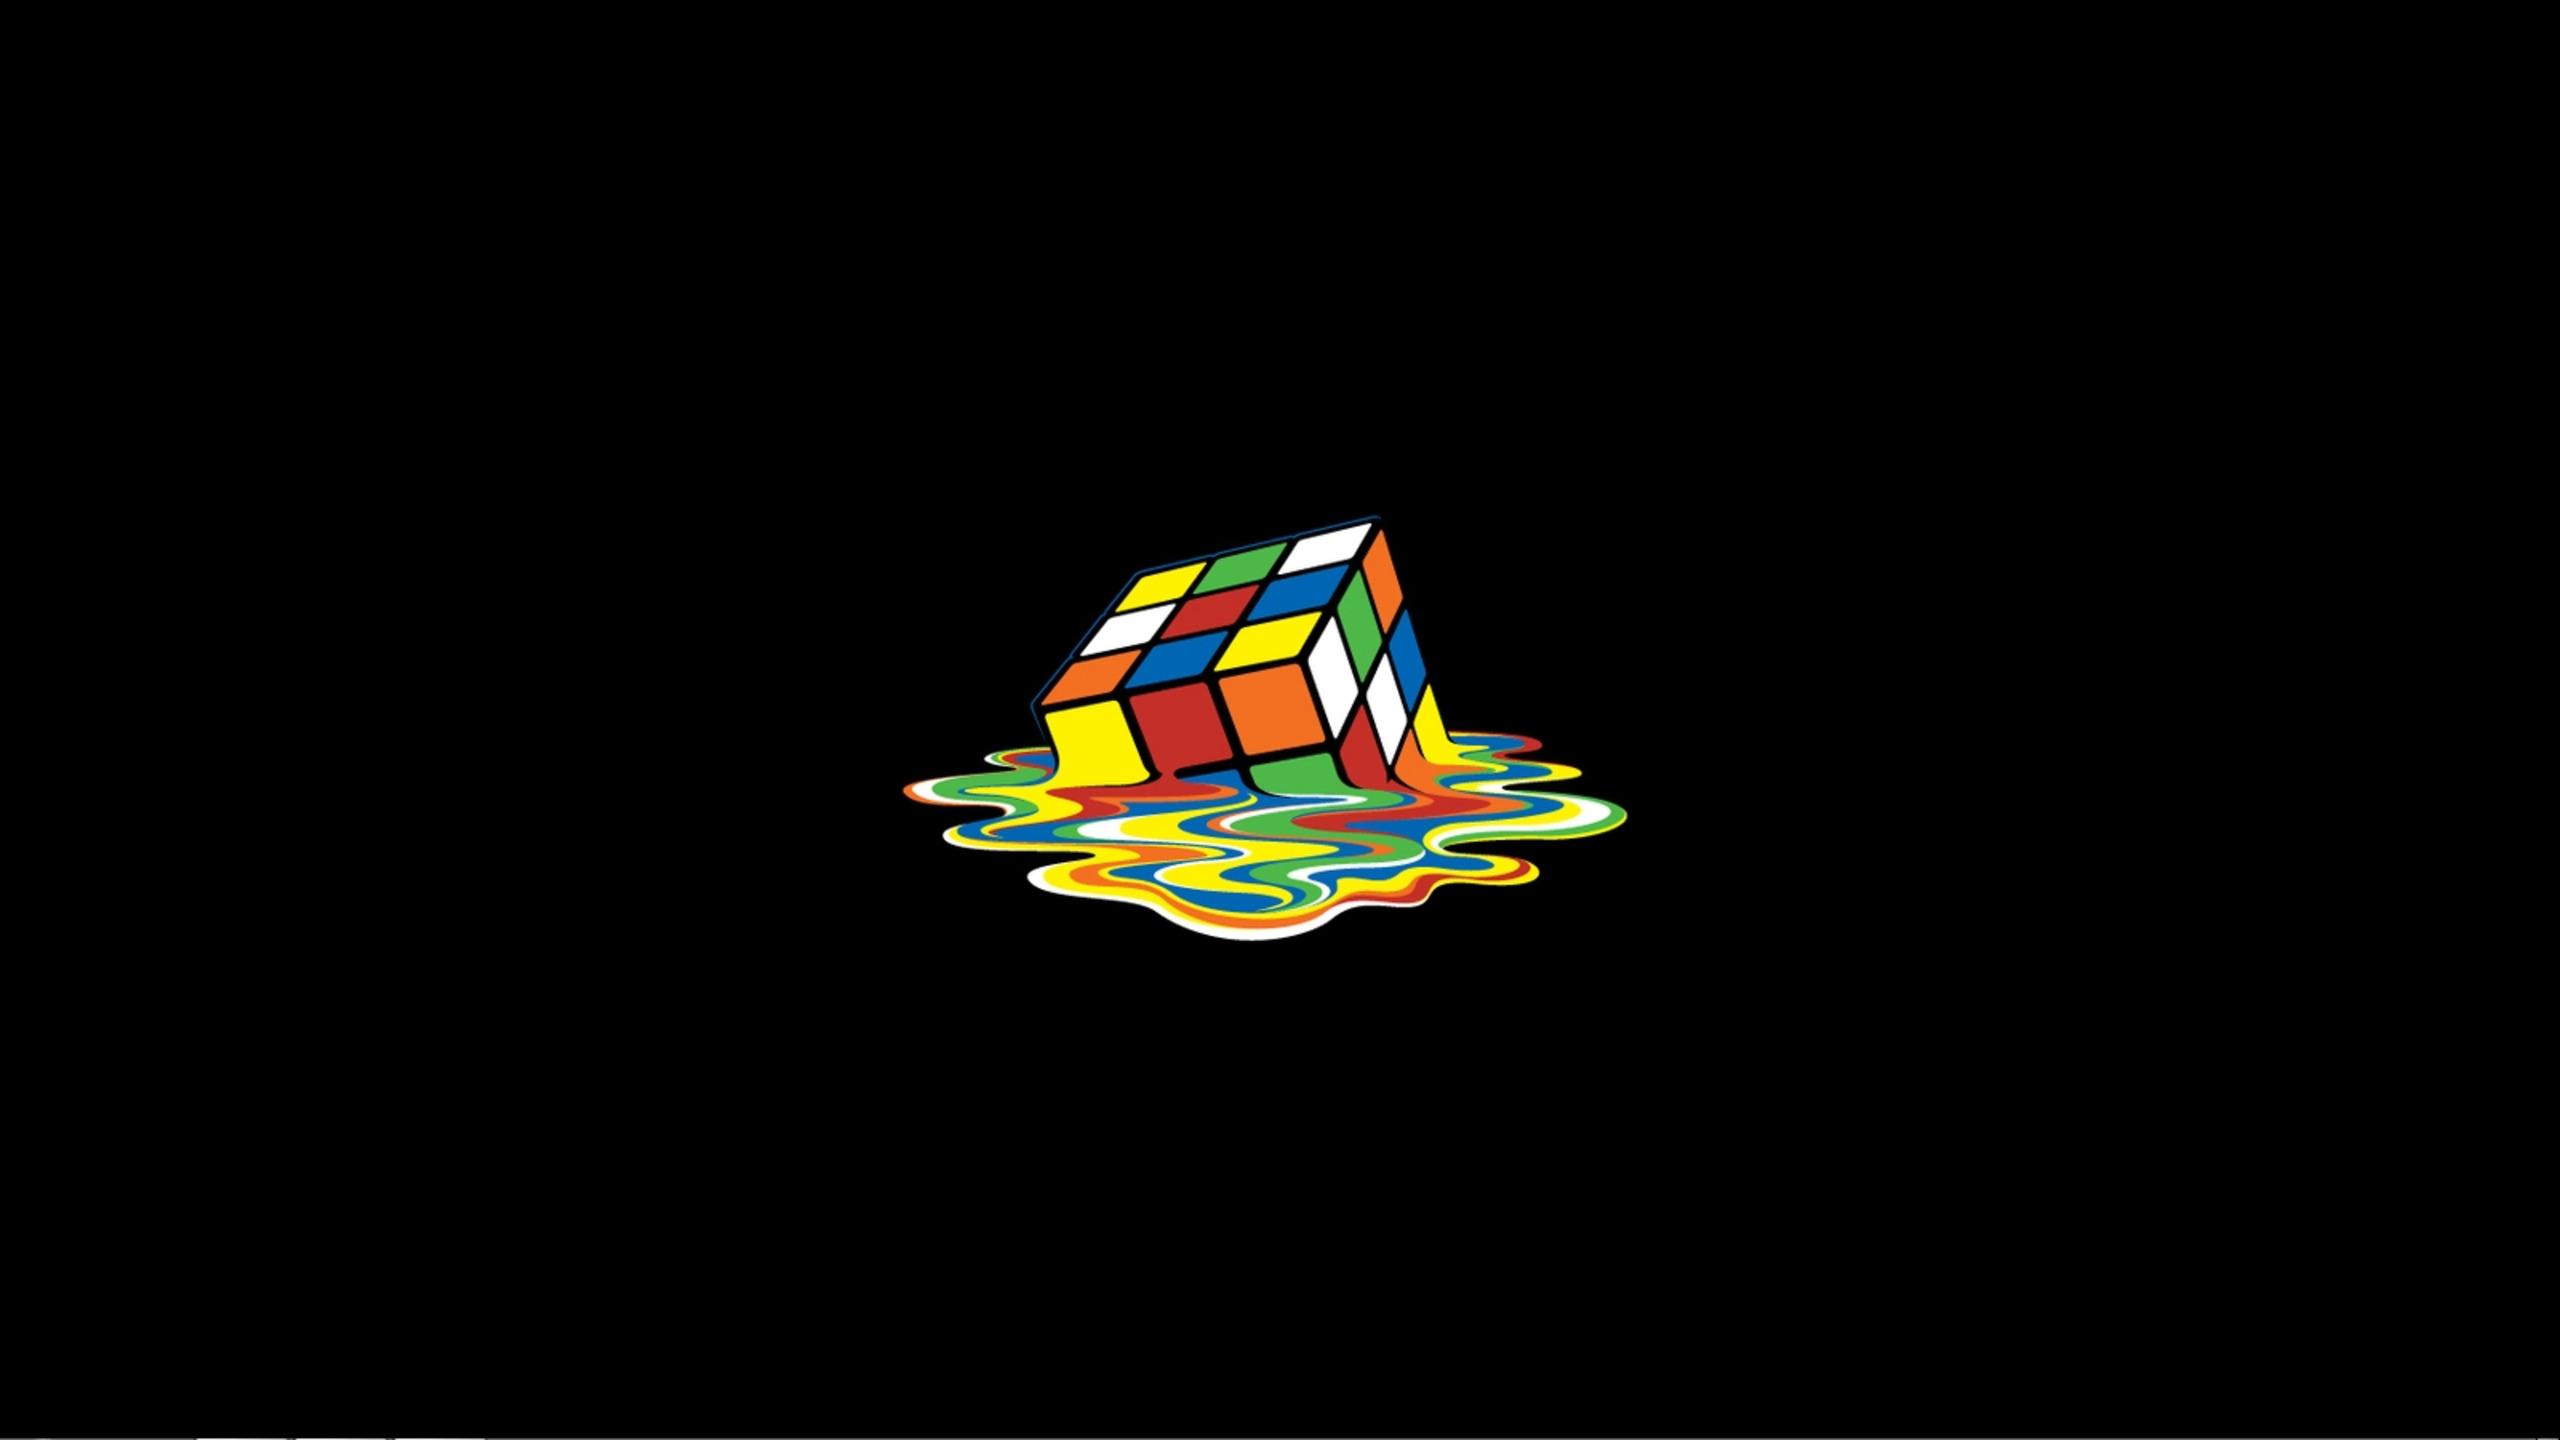 Два черных кубика без смс